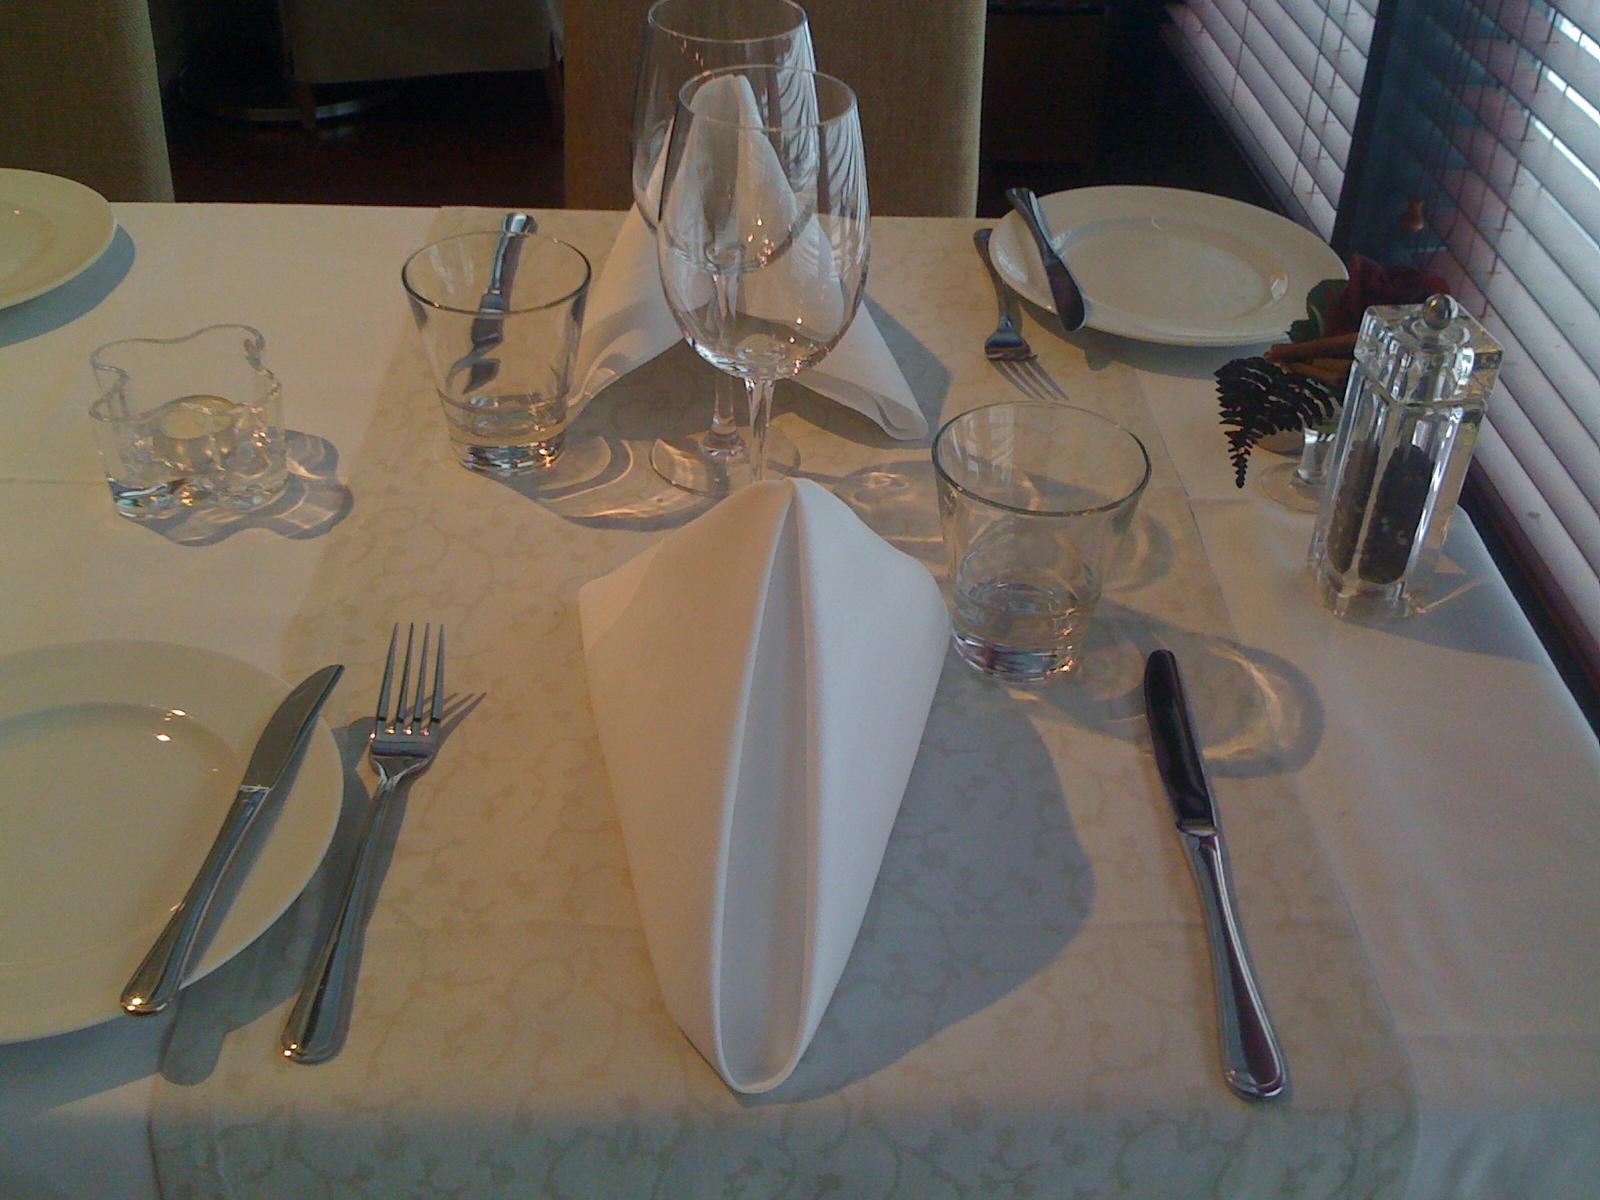 Terra Nova Brasserie (Holiday Inn Helsinki), Helsinki